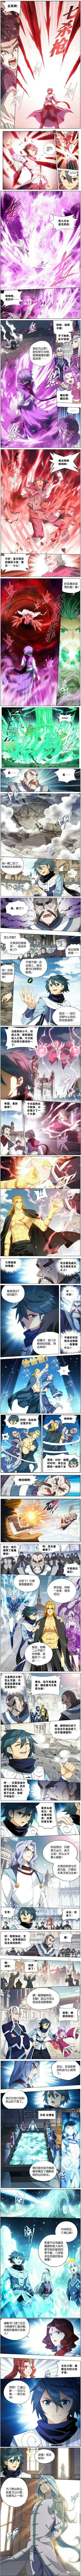 【漫画更新】斗破苍穹293败者之舞